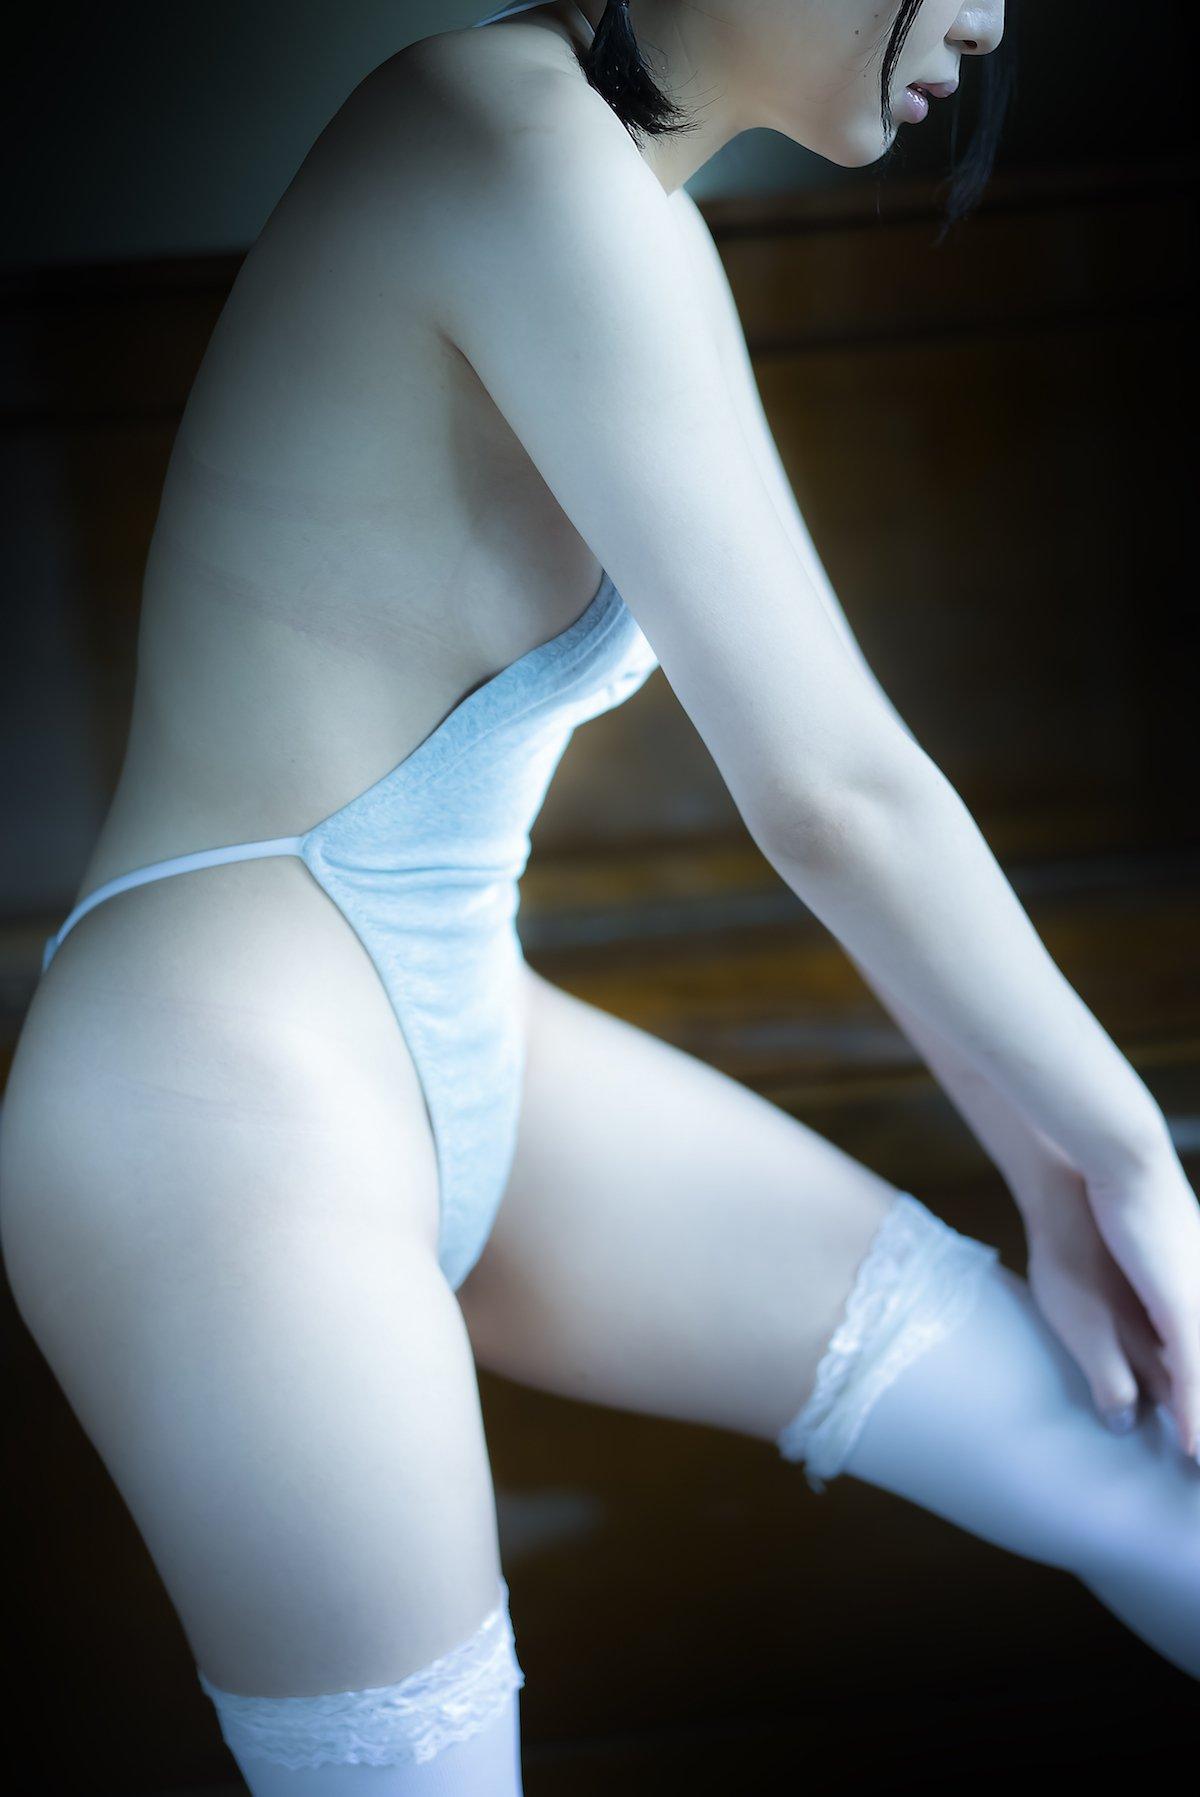 東堂りさ&櫻あみか「キケンな距離感」女の子同士の甘酸っぱい青春【画像13枚】の画像002